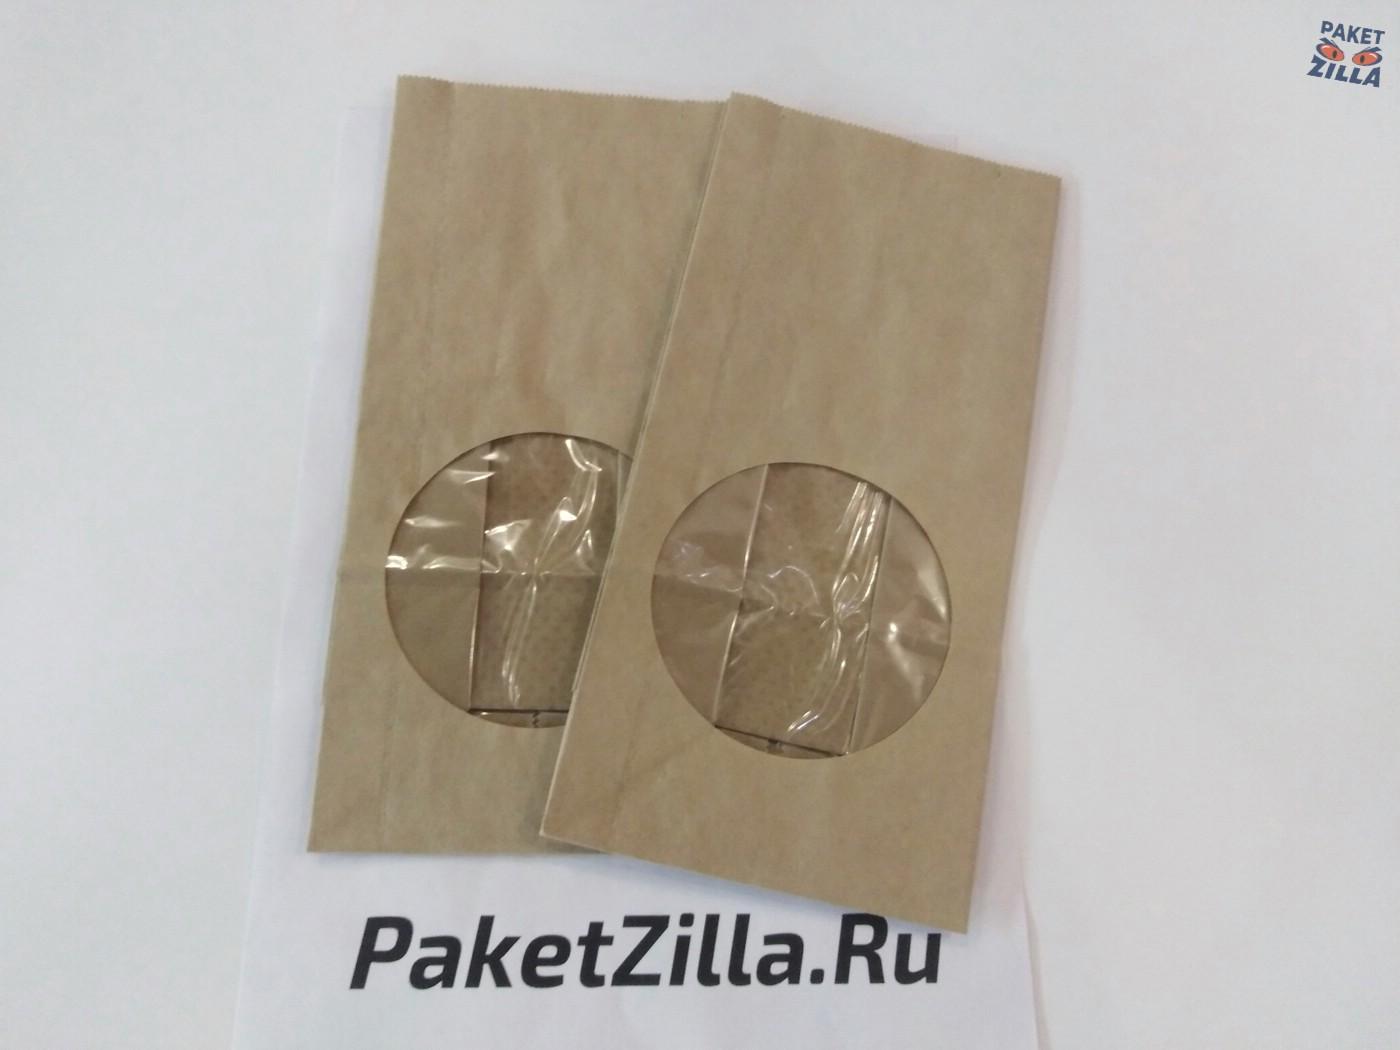 Крафт пакет 250 х 120 х 80 с круглым окном. 2-х слойный. 1.